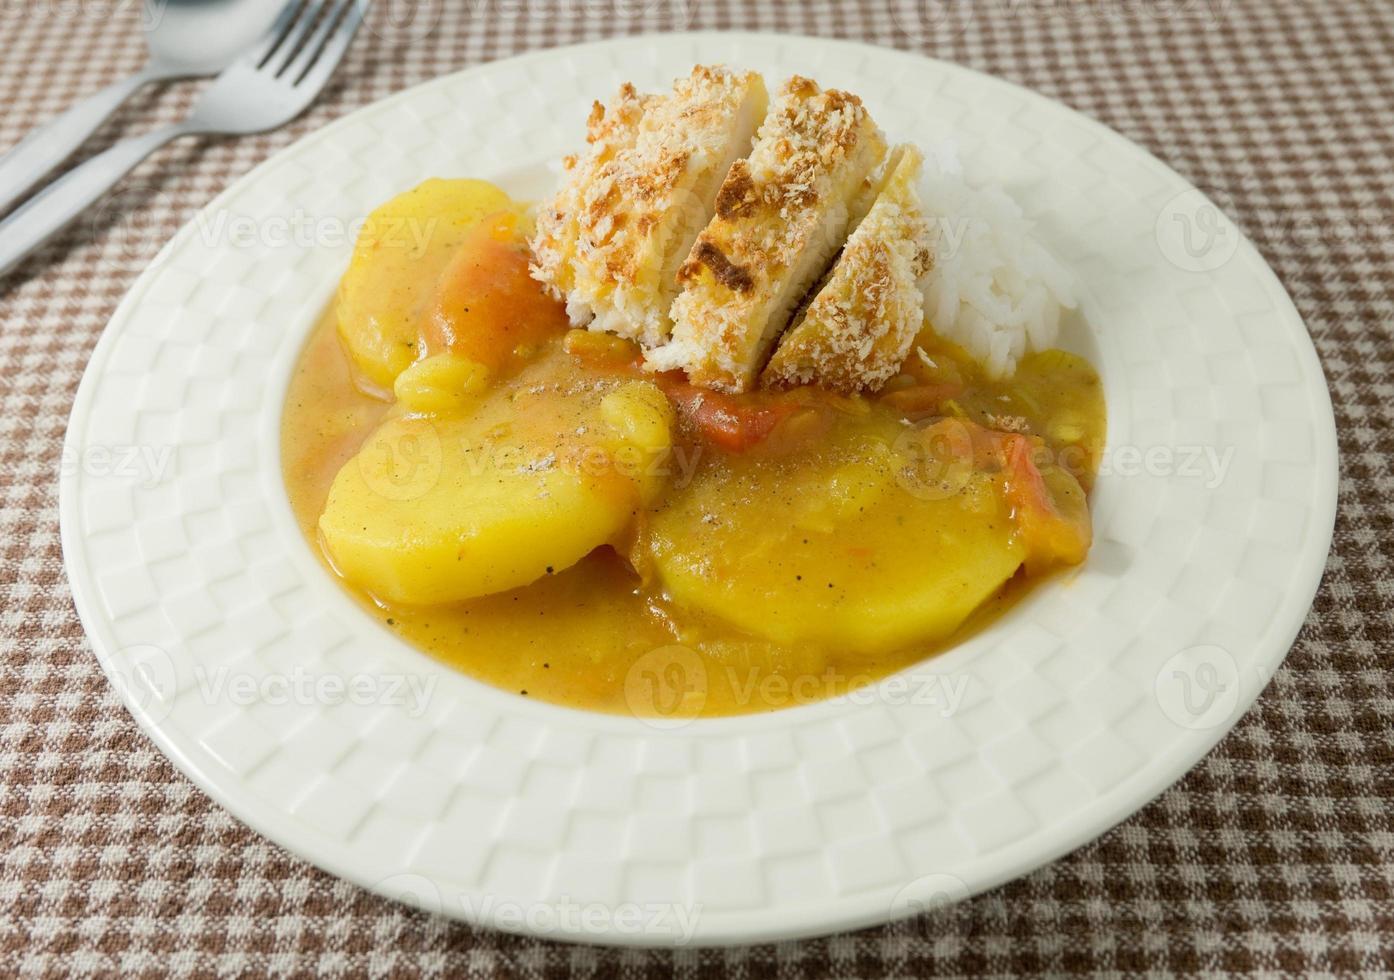 japanisches Curry und Tonkatsu mit gedämpftem Reis foto